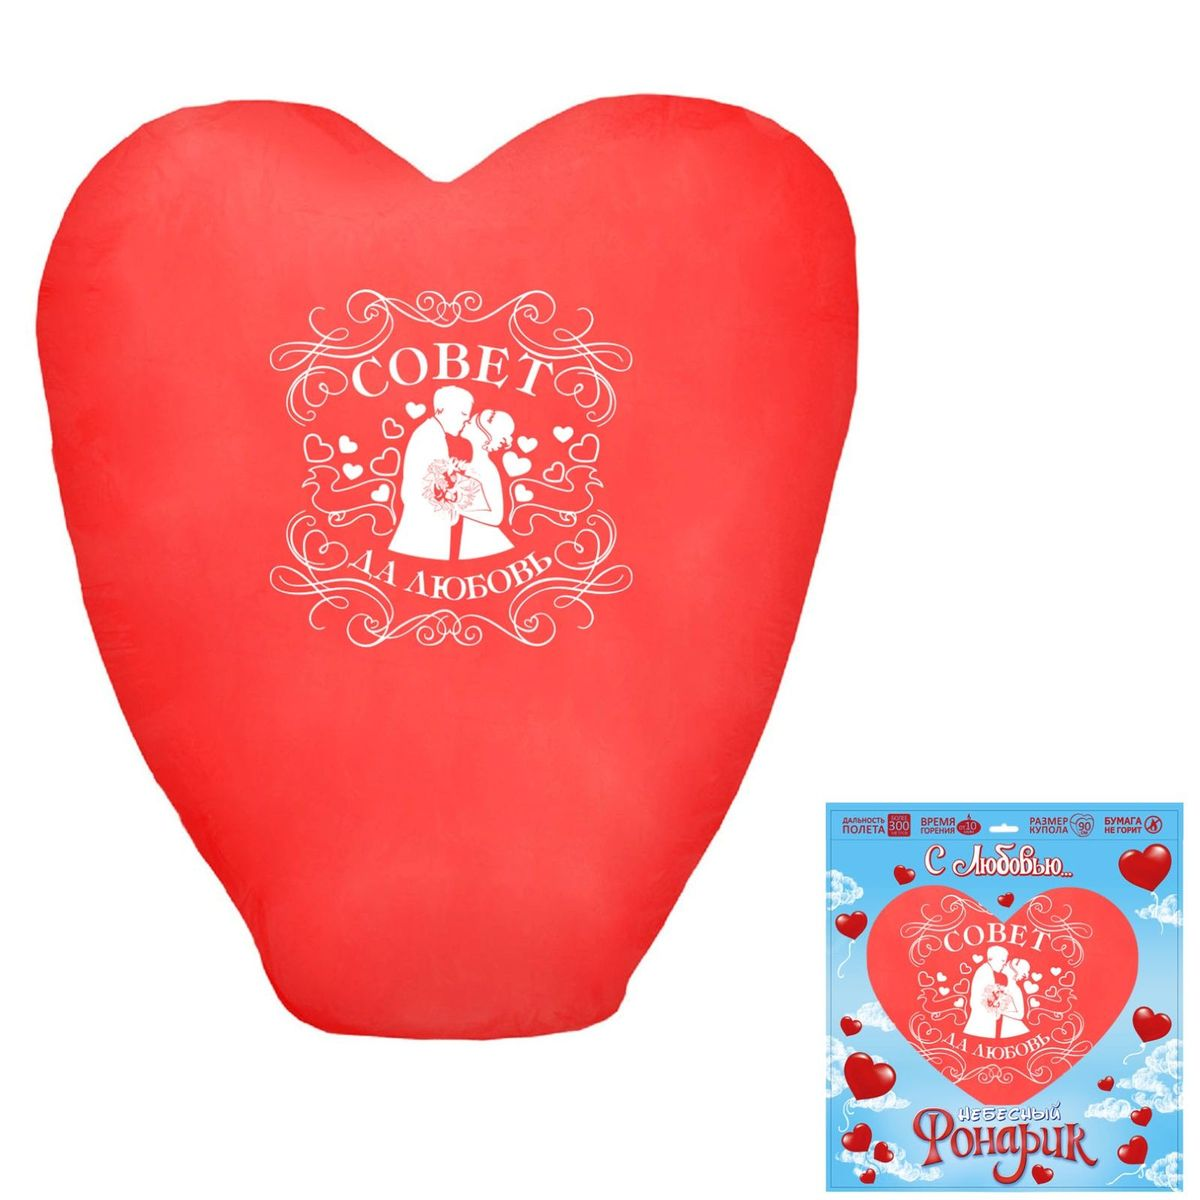 небесный фонарик эврика фонарь желаний сердце 00230 Фонарик бумажный Страна Карнавалия Совет да любовь, в форме сердца, цвет: красный